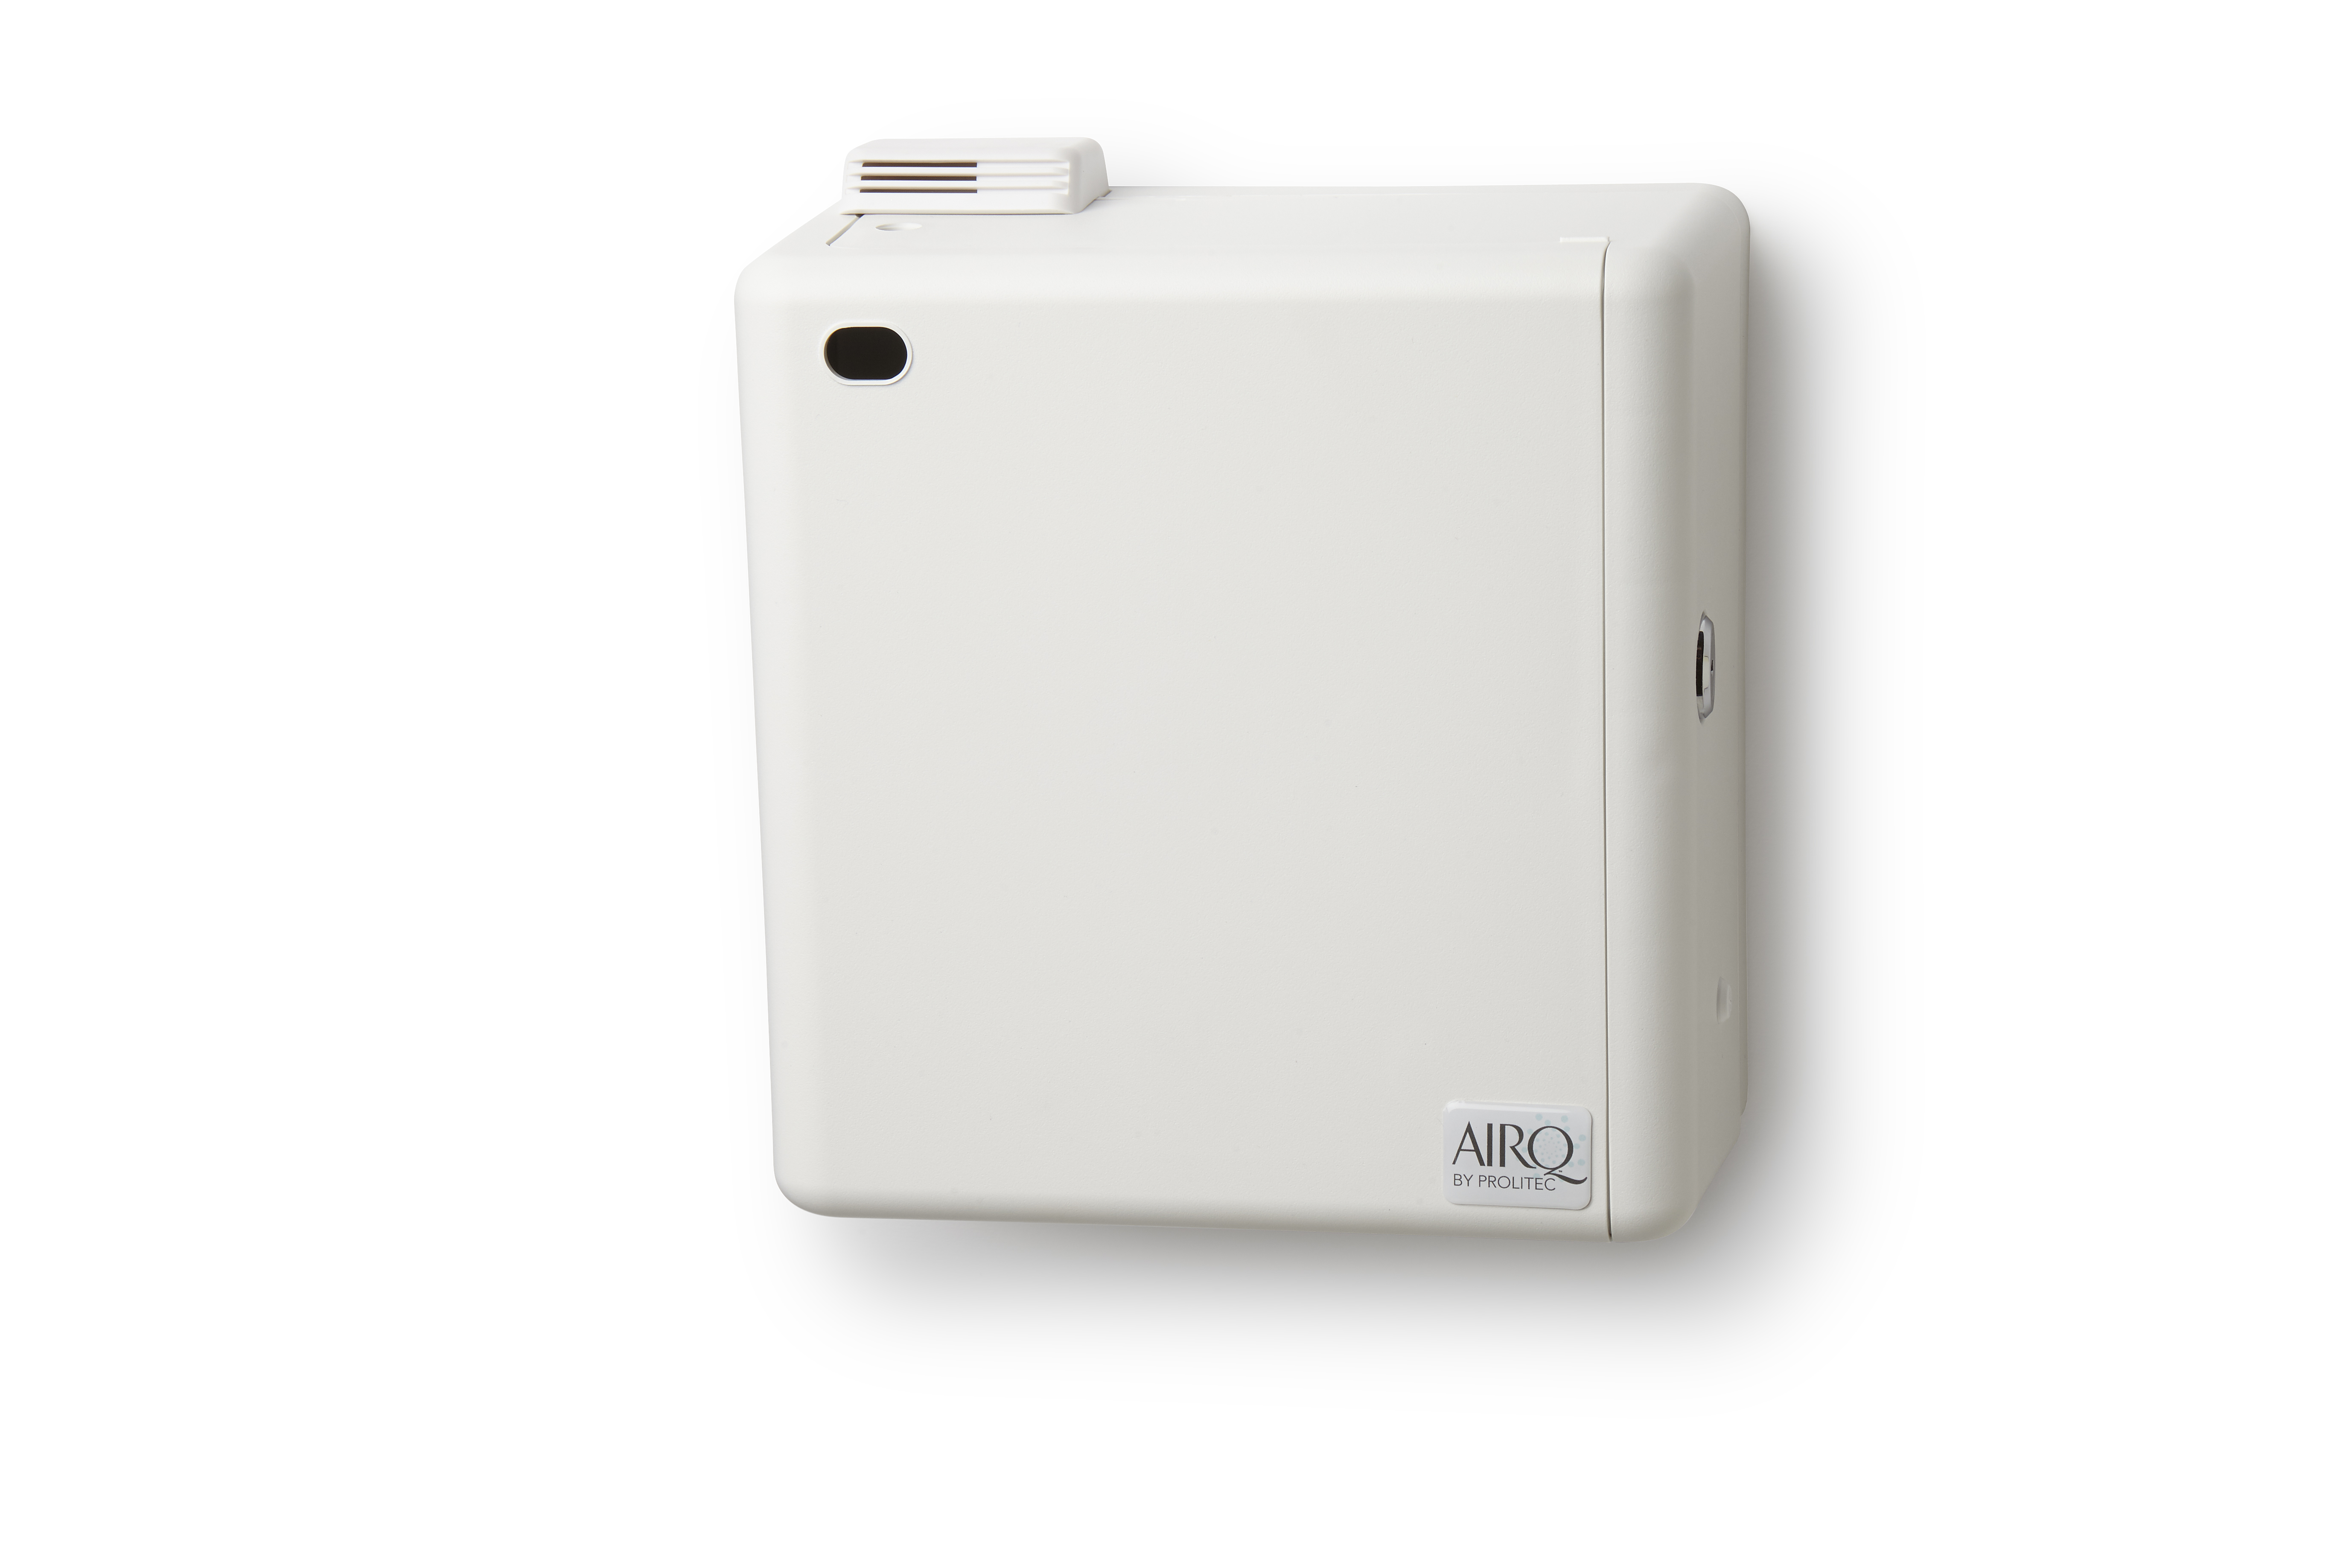 AirQ 570 do aromatyzacji poprzez system wentylacji.